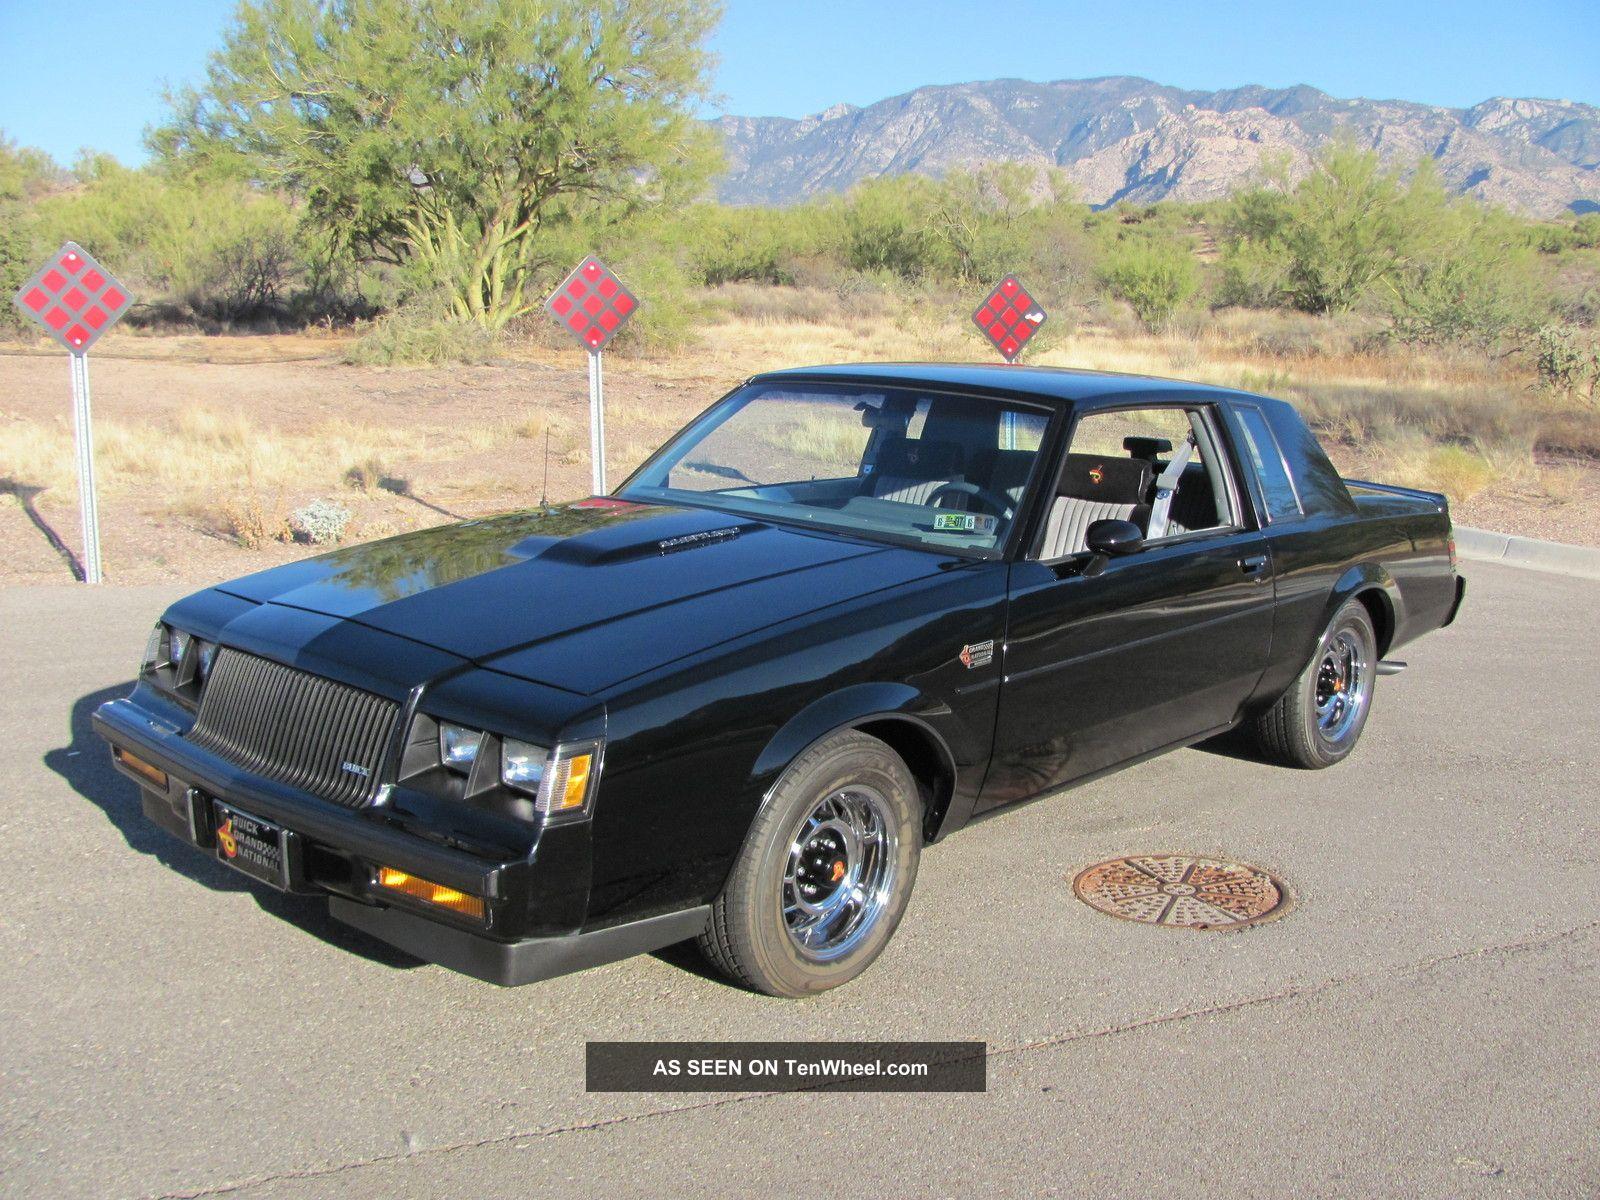 1987 buick regal grand national 3 8l turbo v6 only 46k paint. Black Bedroom Furniture Sets. Home Design Ideas